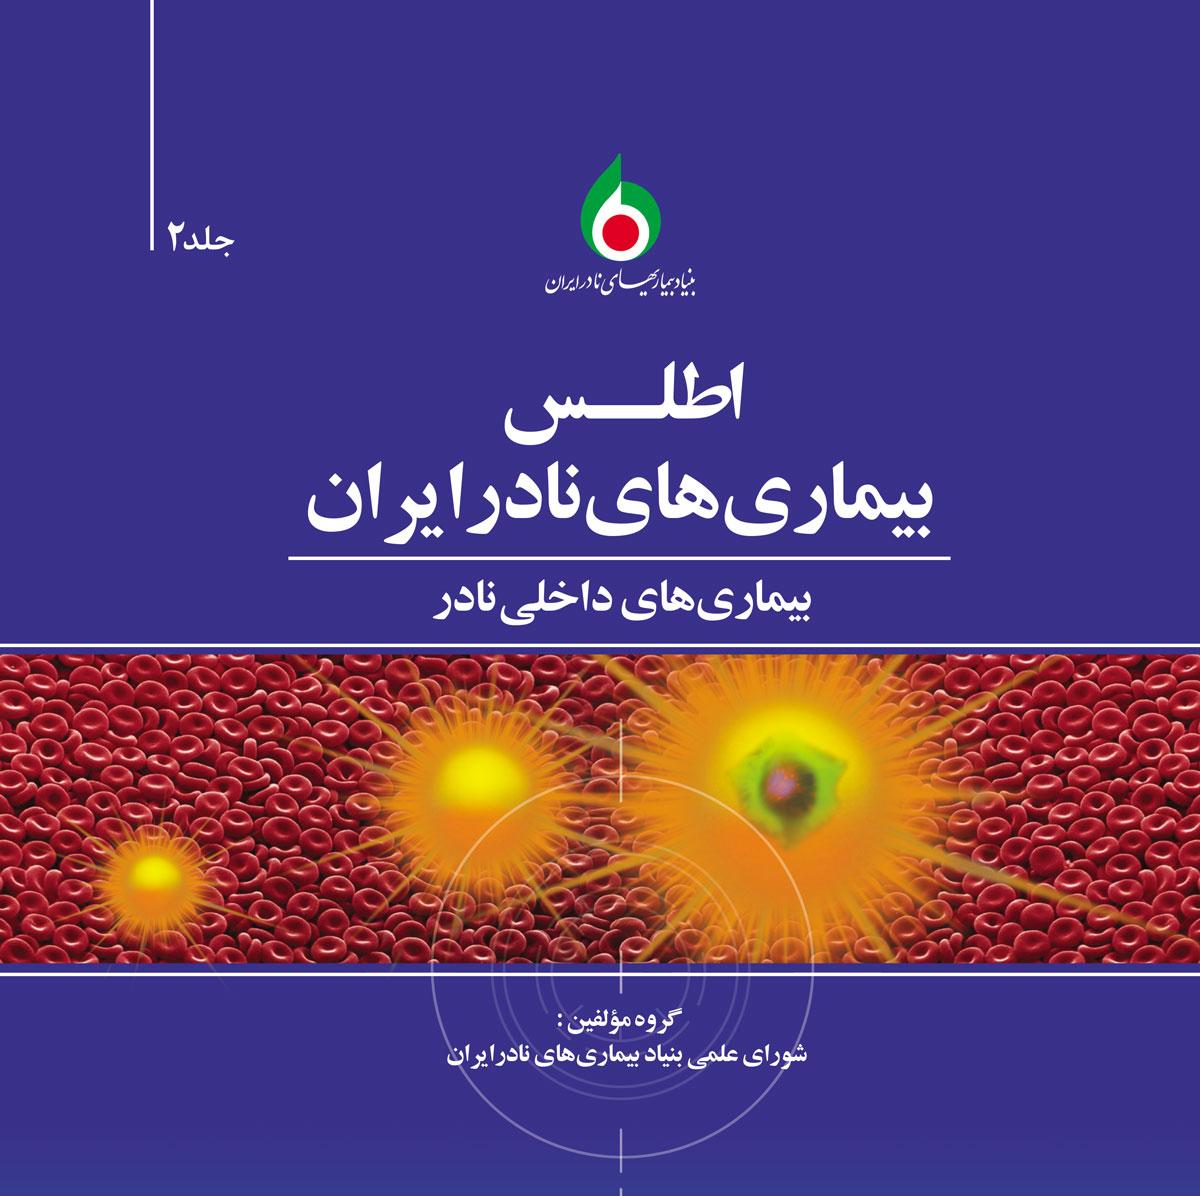 جلد دوم اطلس بیماریهای نادر مجوز گرفت